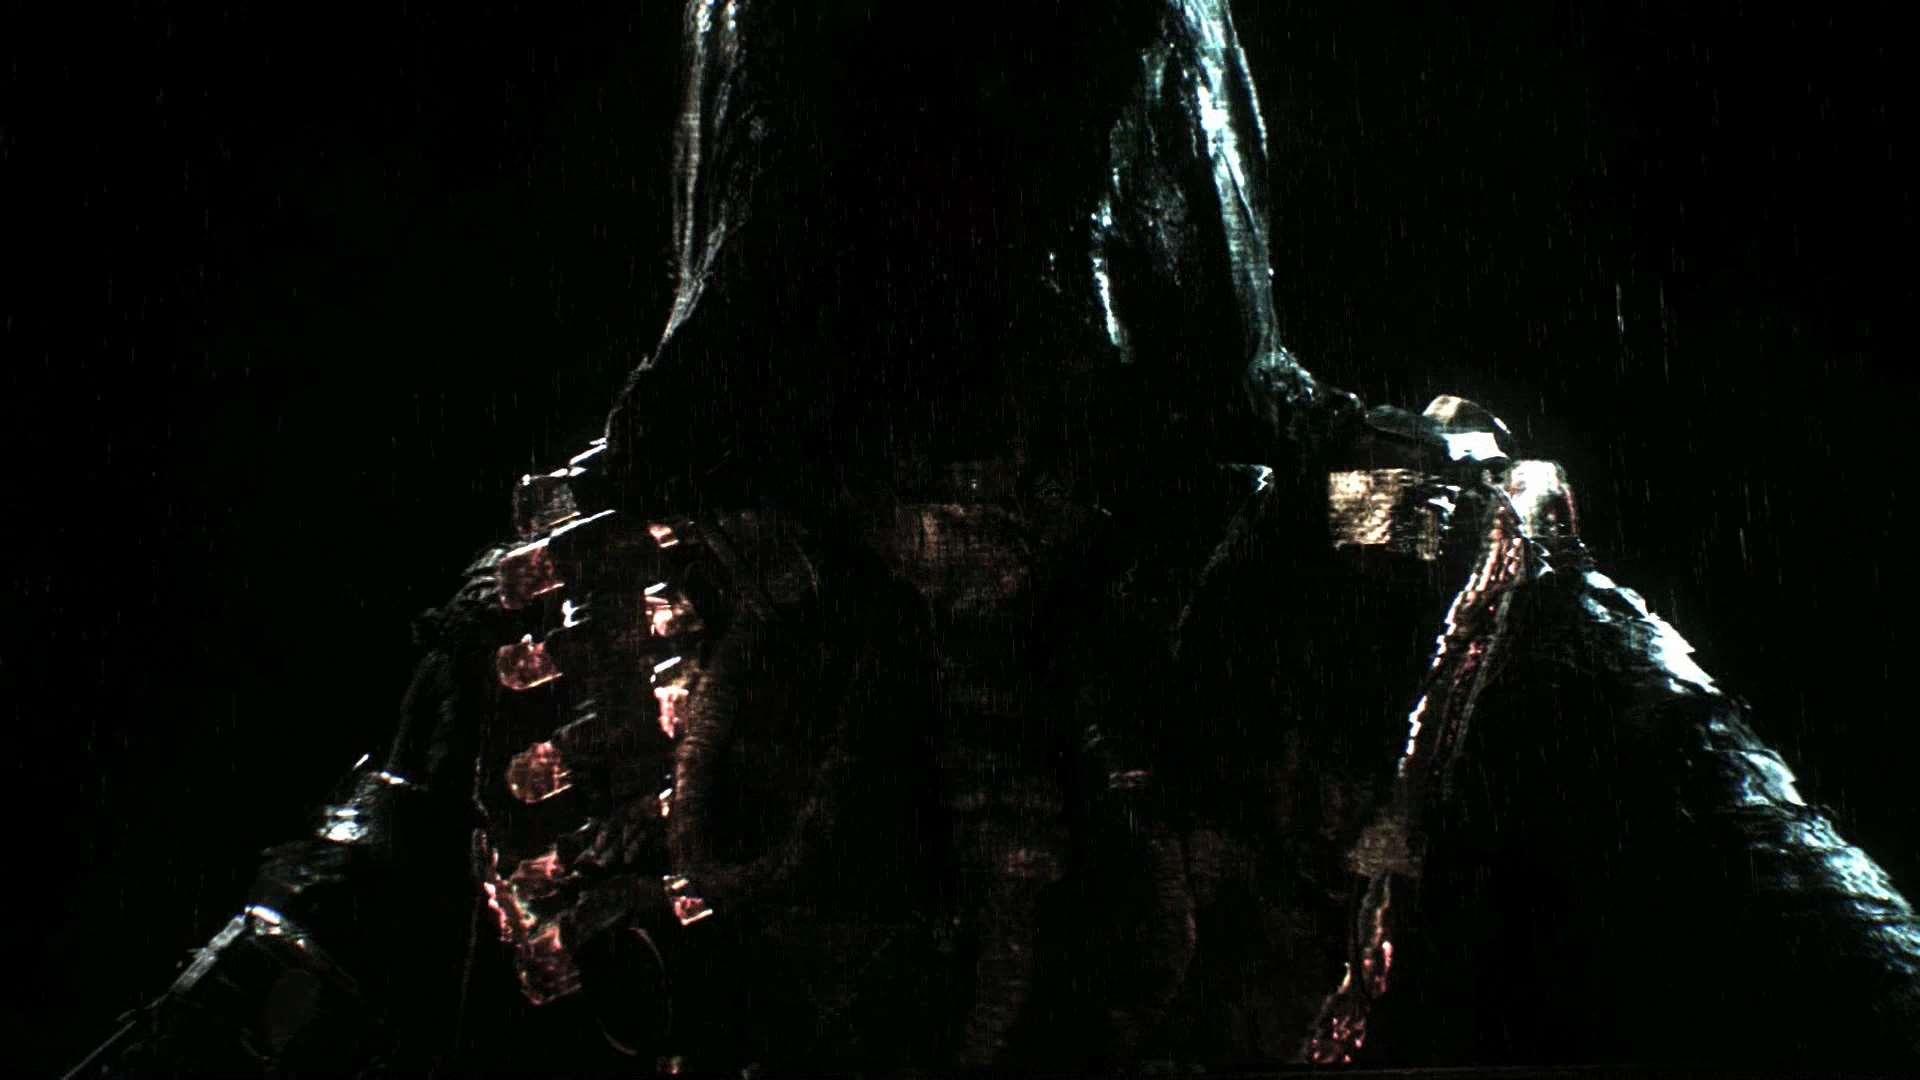 Wallpapers Fond D Ecran Pour Batman Arkham Knight Pc Ps4